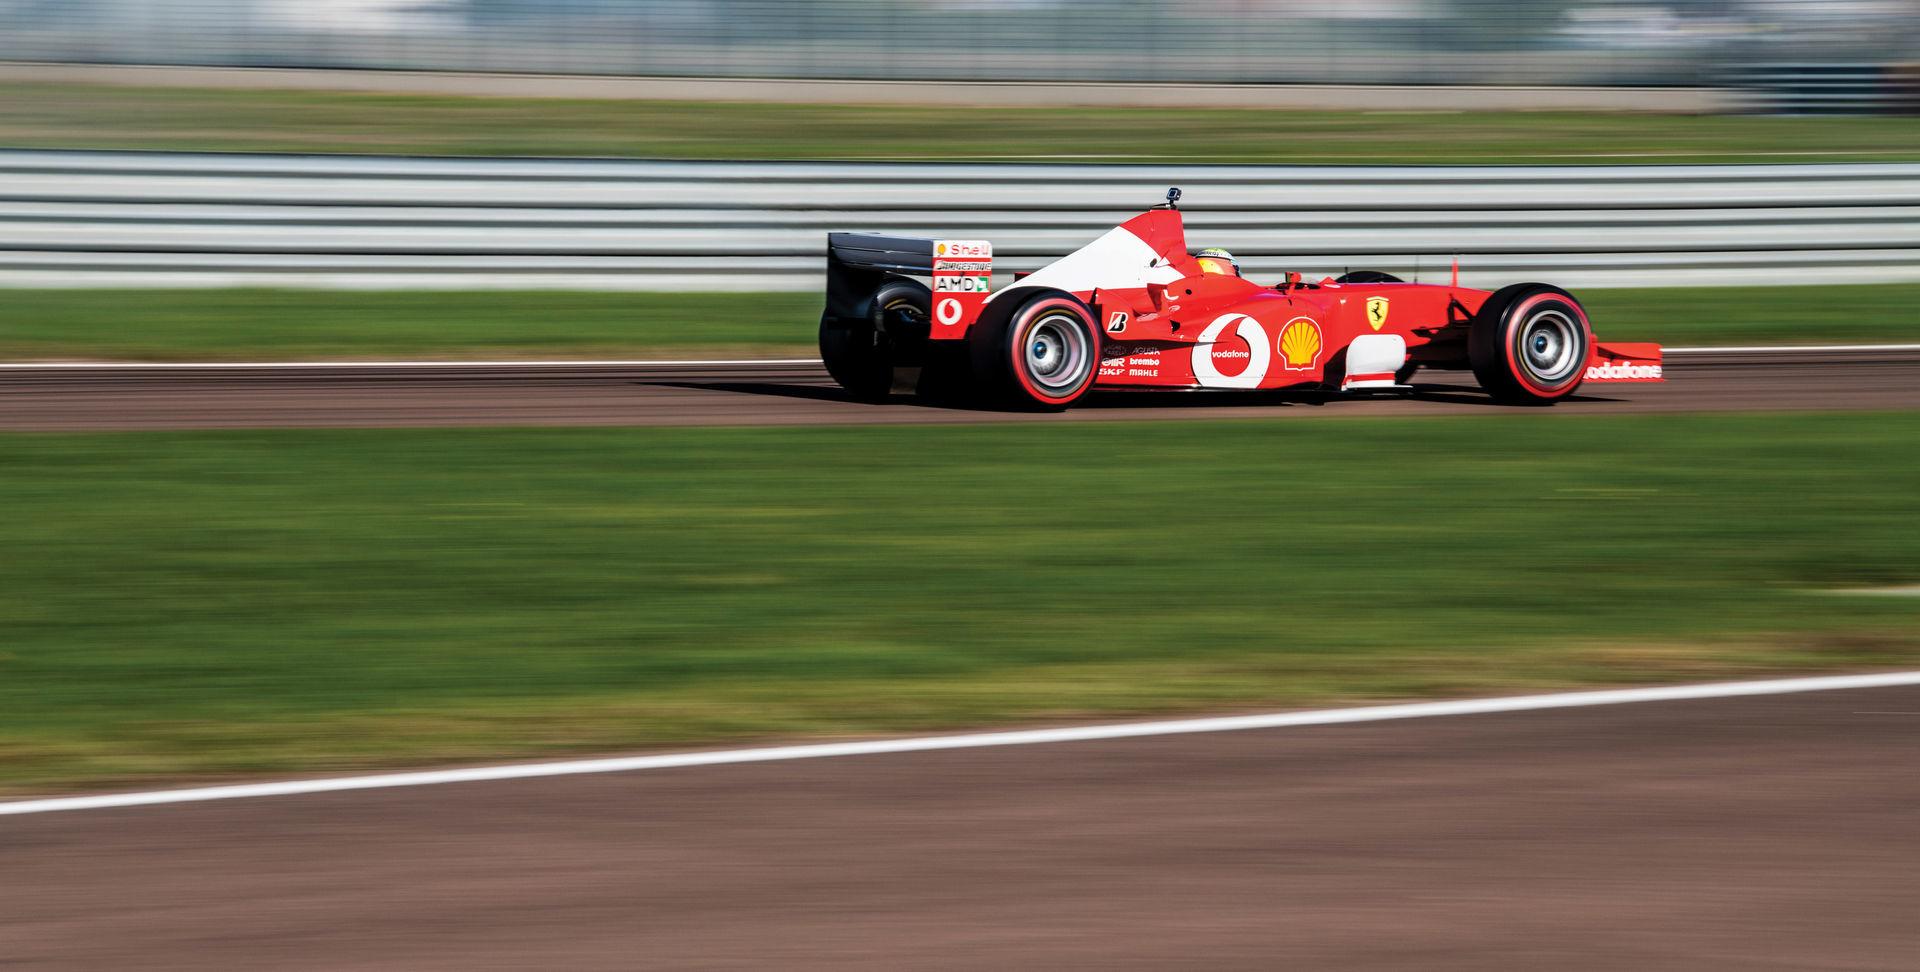 Xe đua Ferrari huyền thoại được Michael Schumacher cầm lái giá 154 tỷ đồng